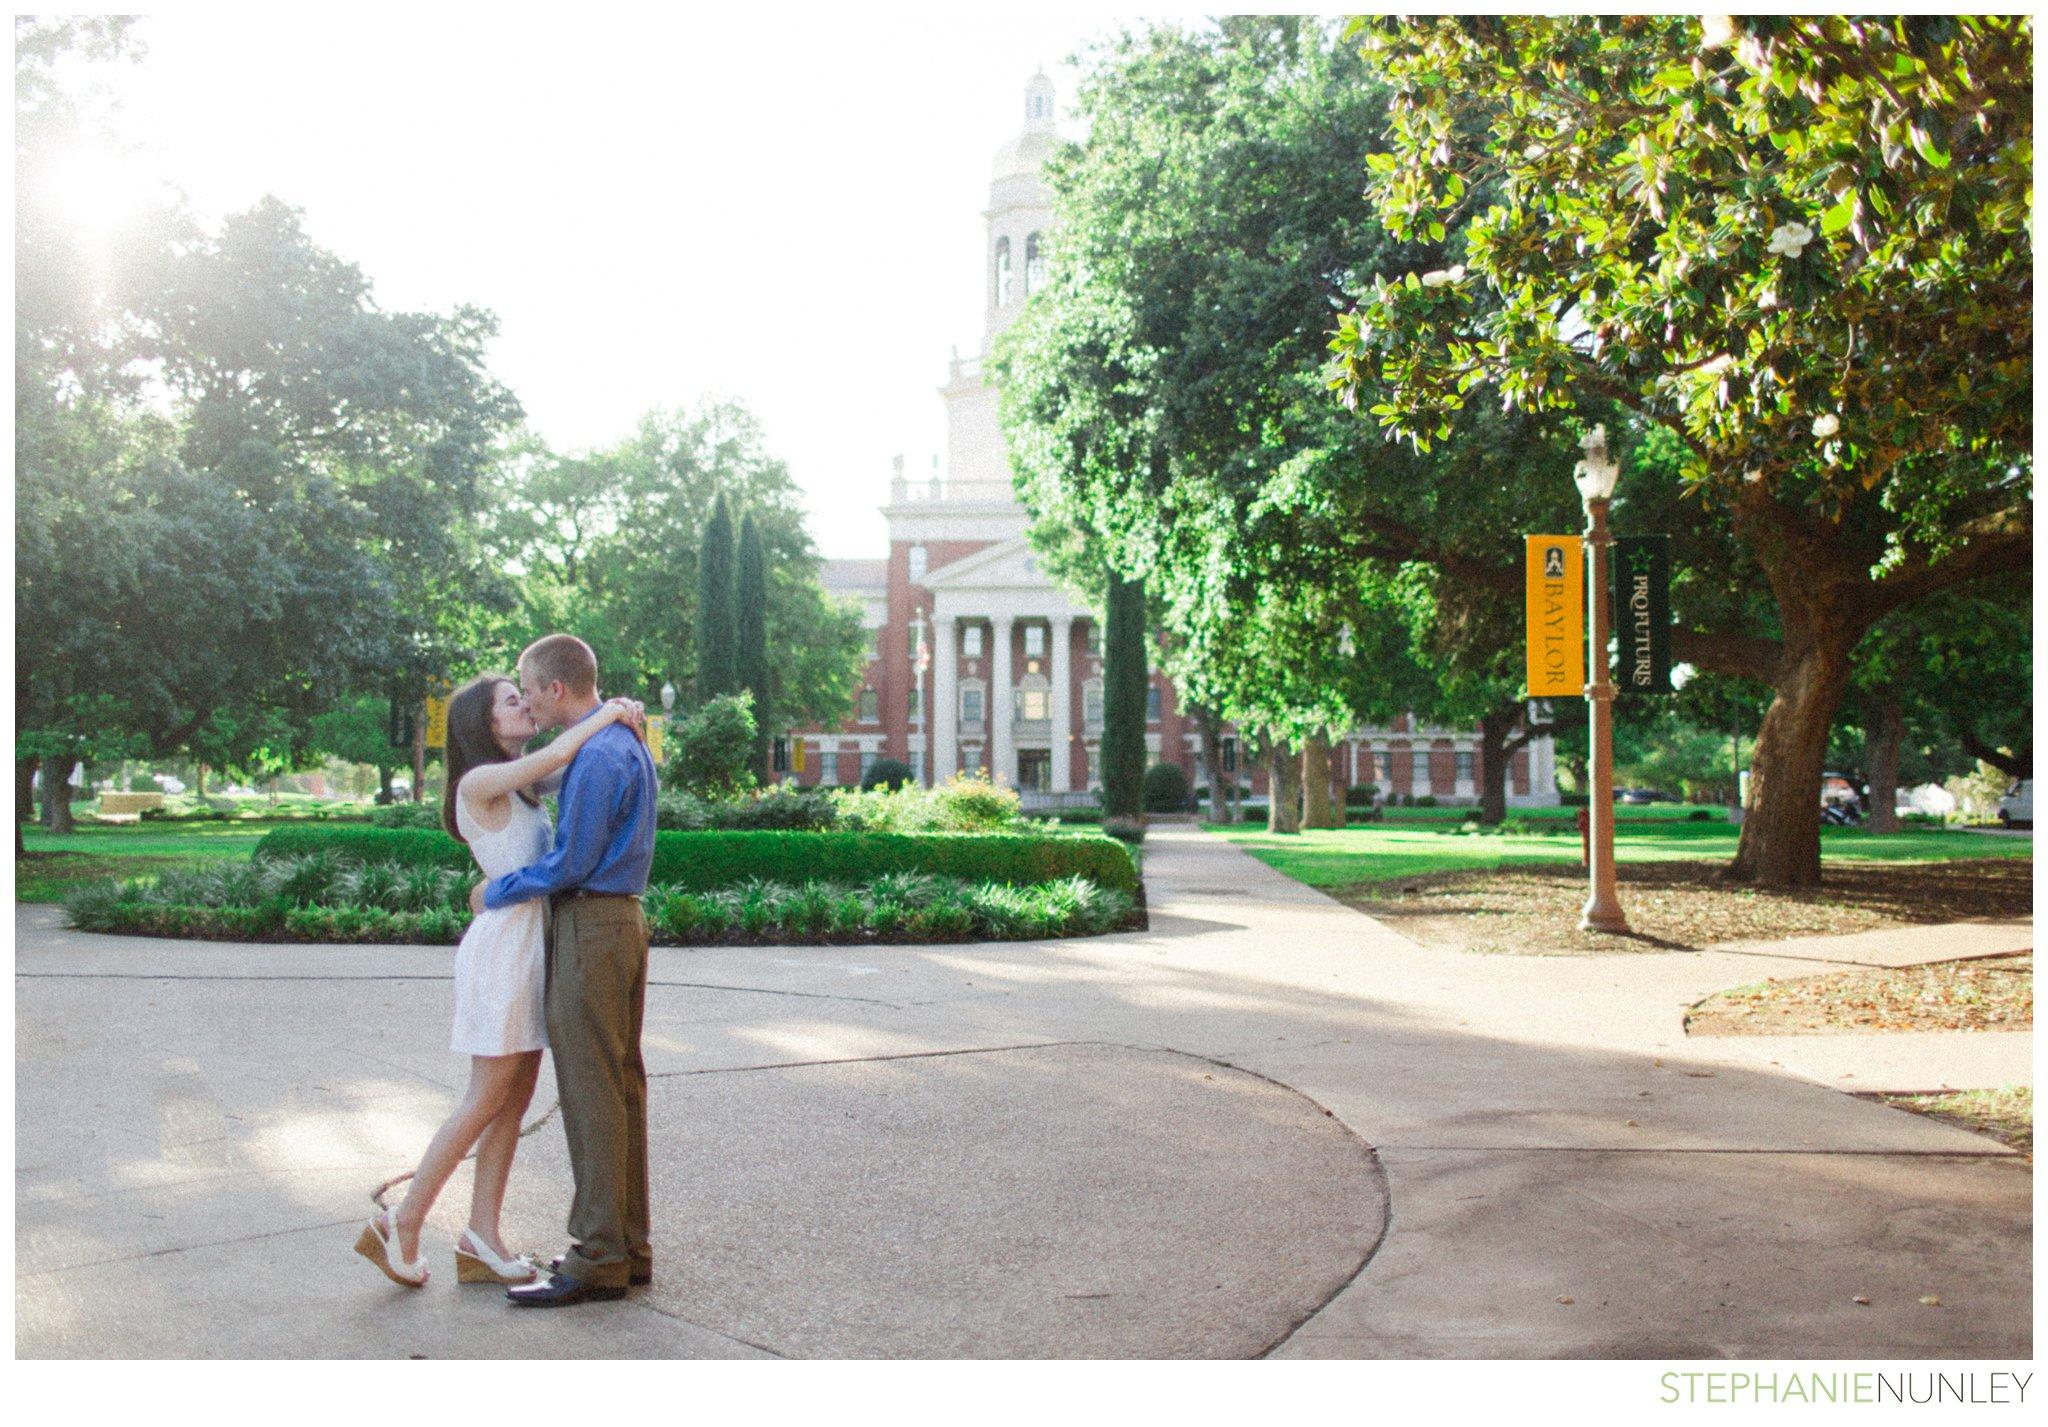 baylor-university-engagement-photography-014